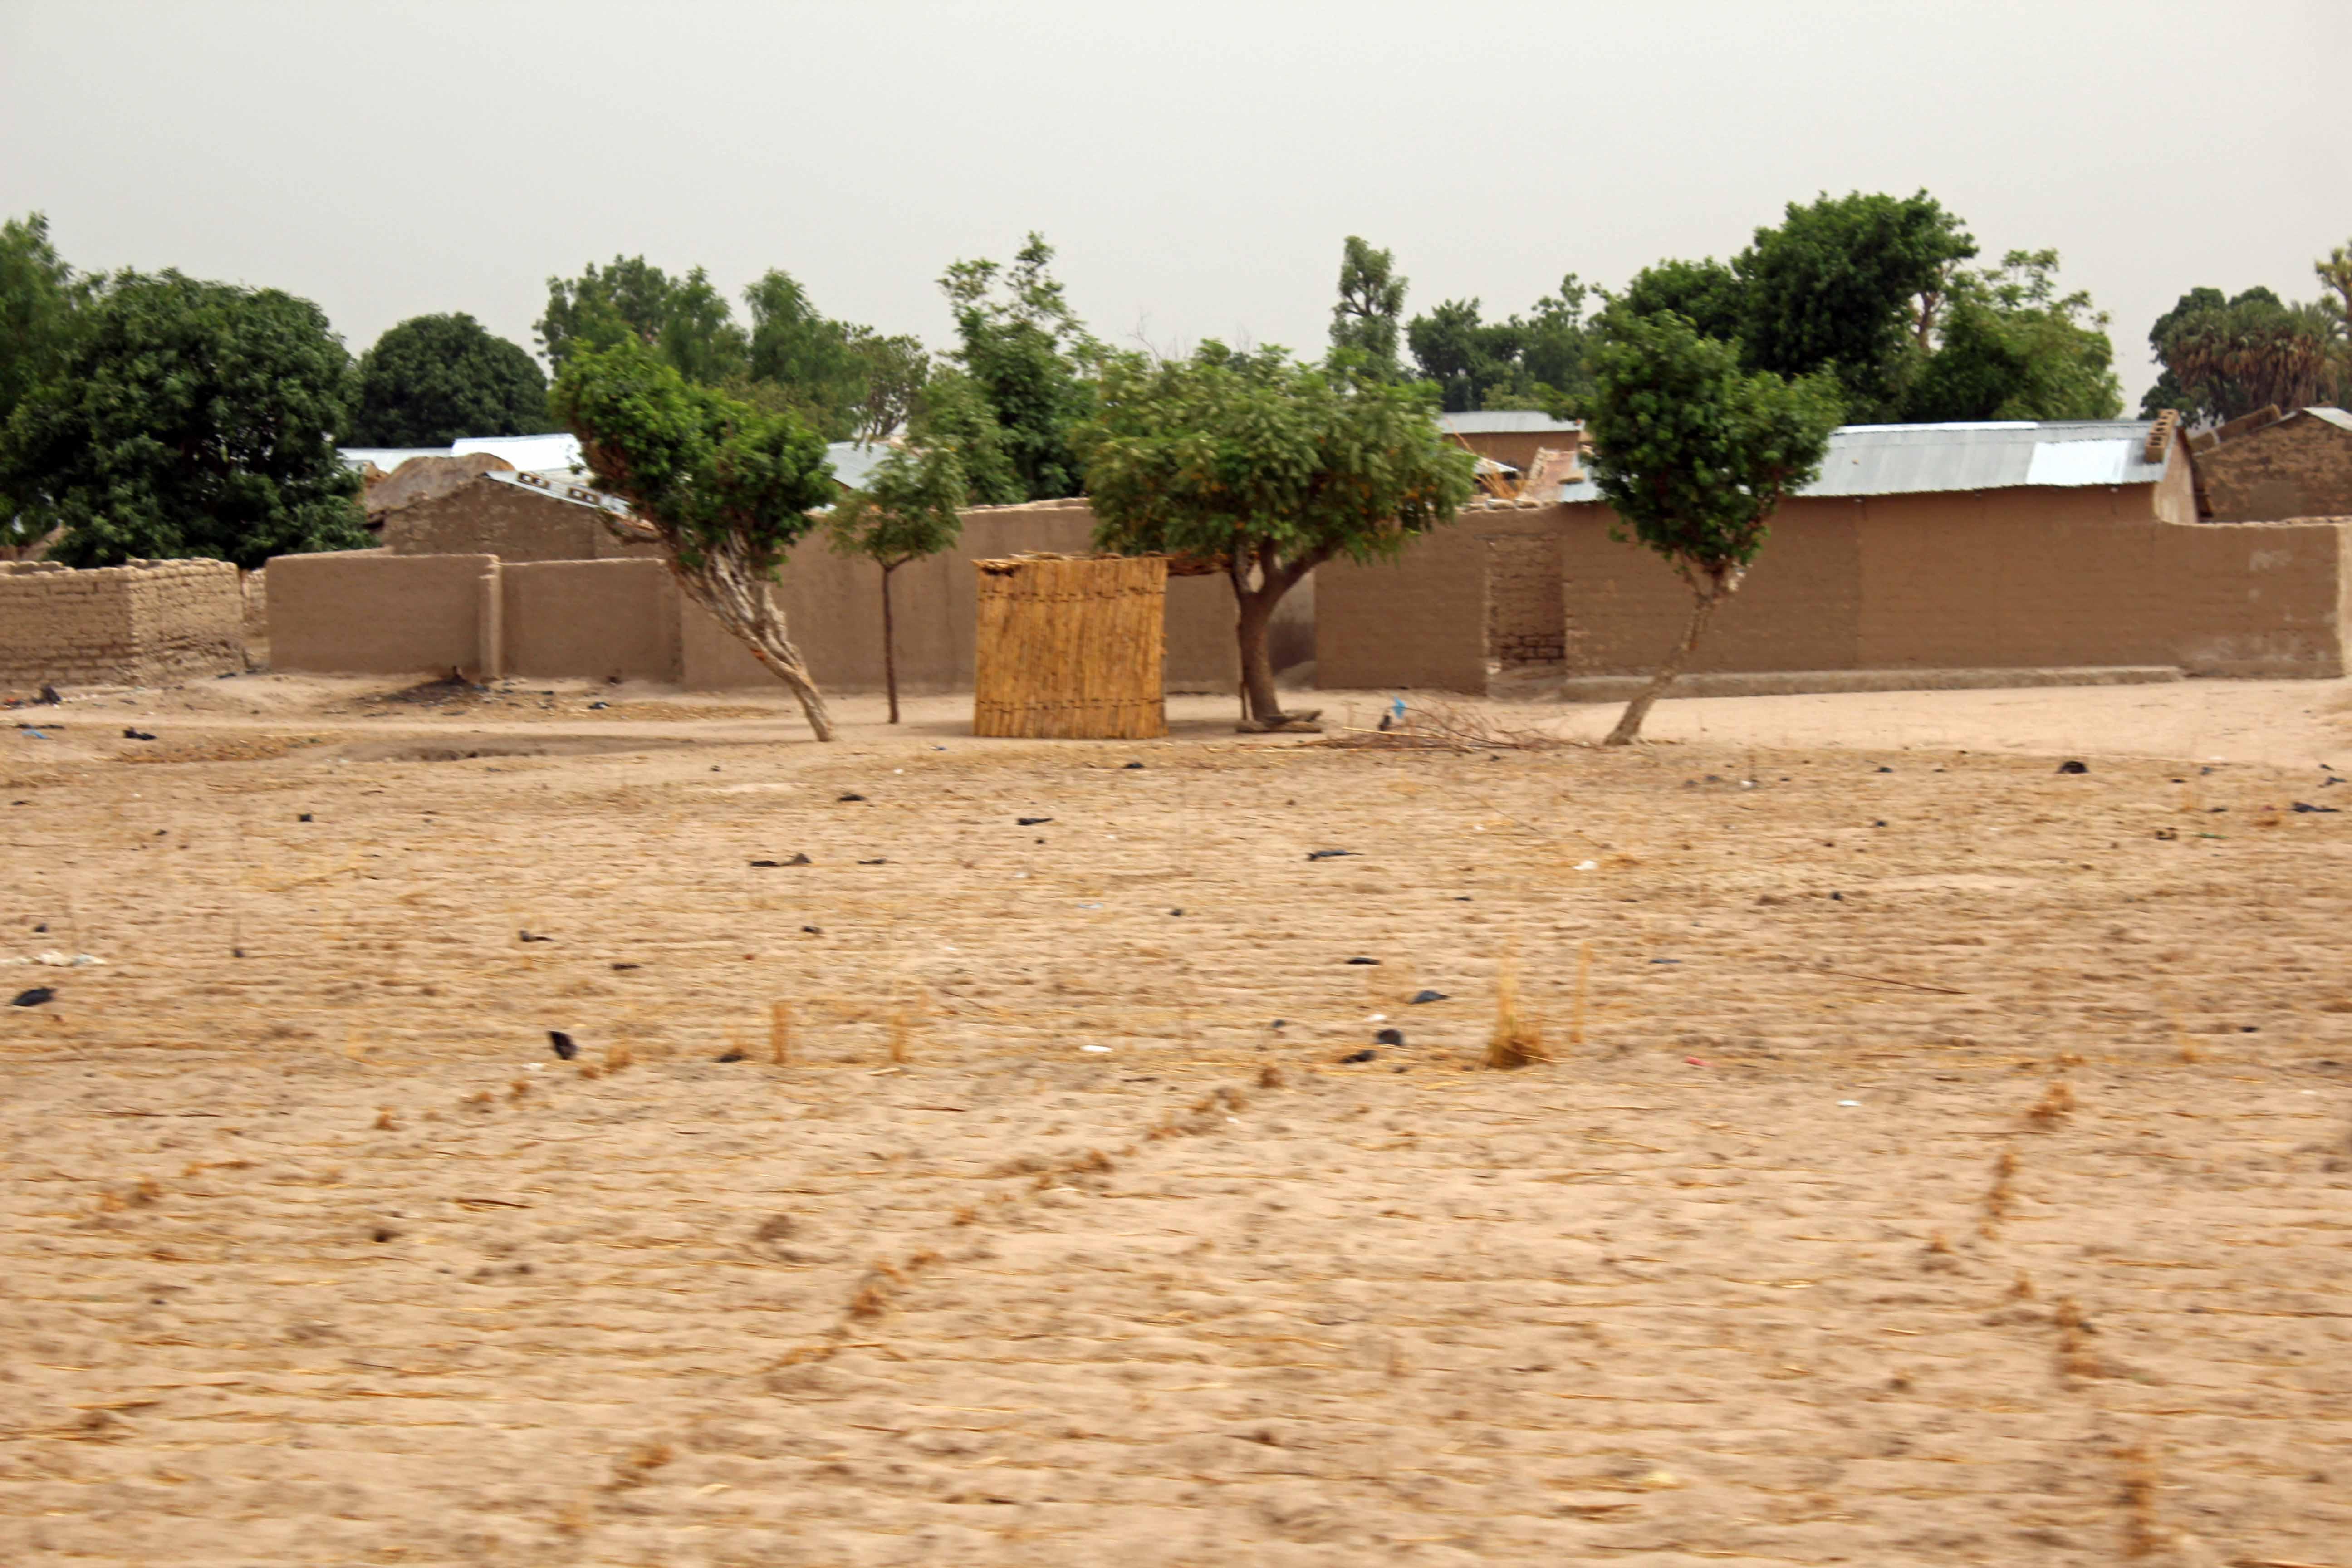 Adobe Village in Bauchi Nigeria